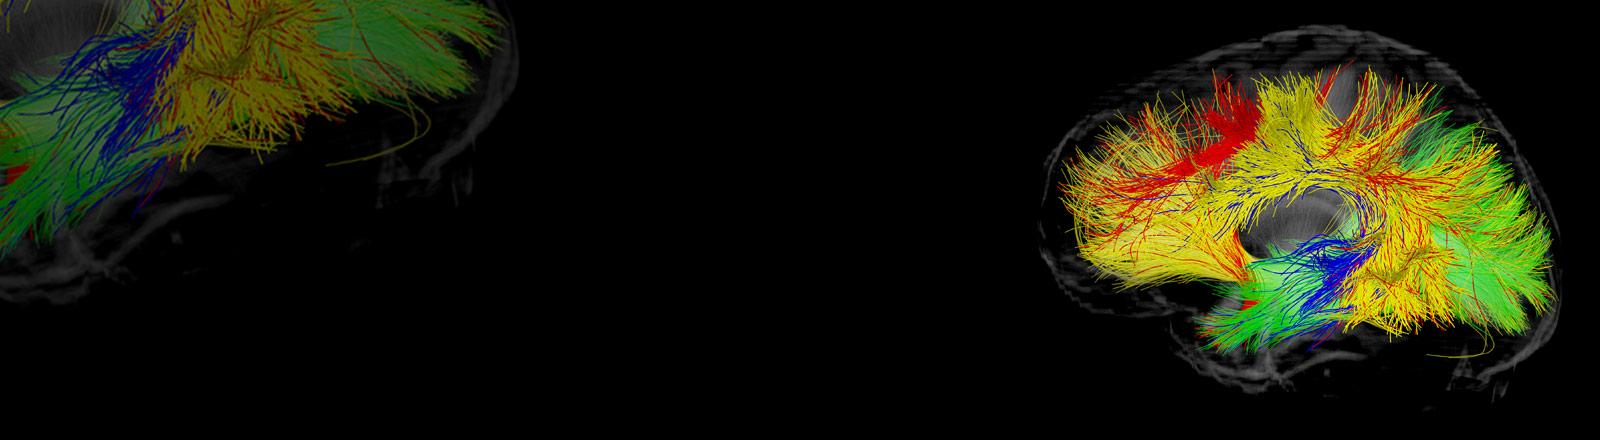 Eine abstrakte, schematische Darstellung eines Gehirns.